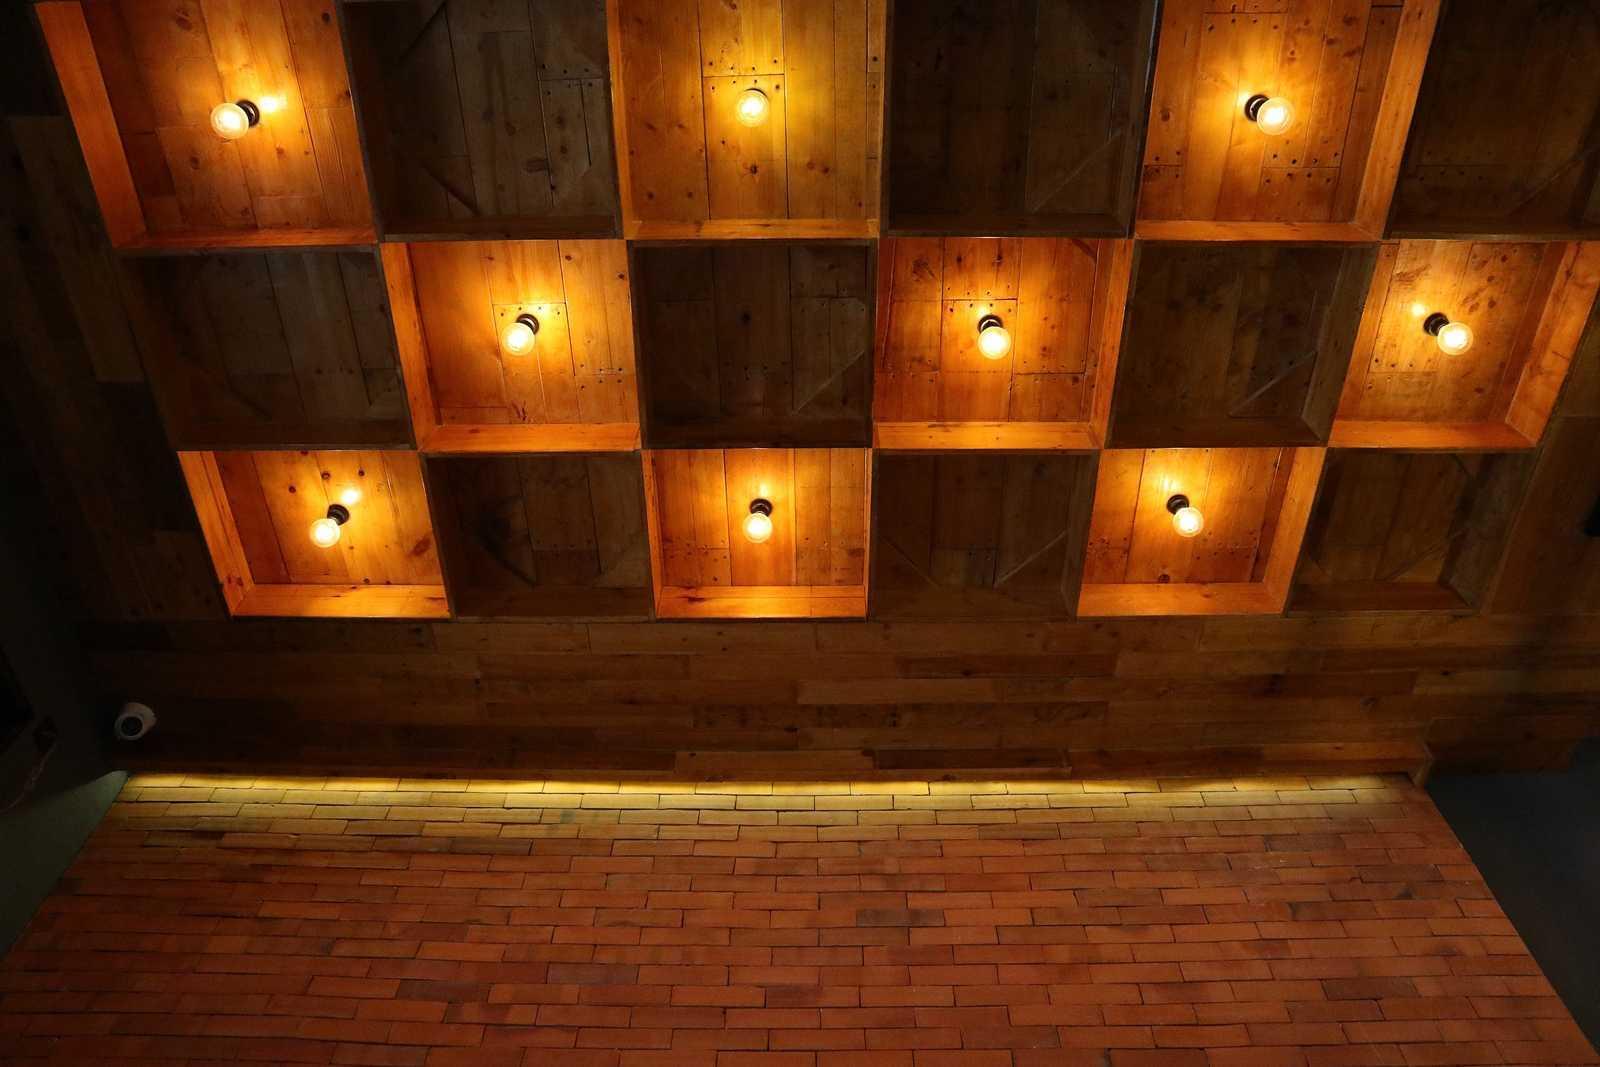 Bd Studio The Traders - Wine Sake Room Medan, Kota Medan, Sumatera Utara, Indonesia Medan, Kota Medan, Sumatera Utara, Indonesia Bd-Studio-The-Trader-Wine-Sake-Room   74077